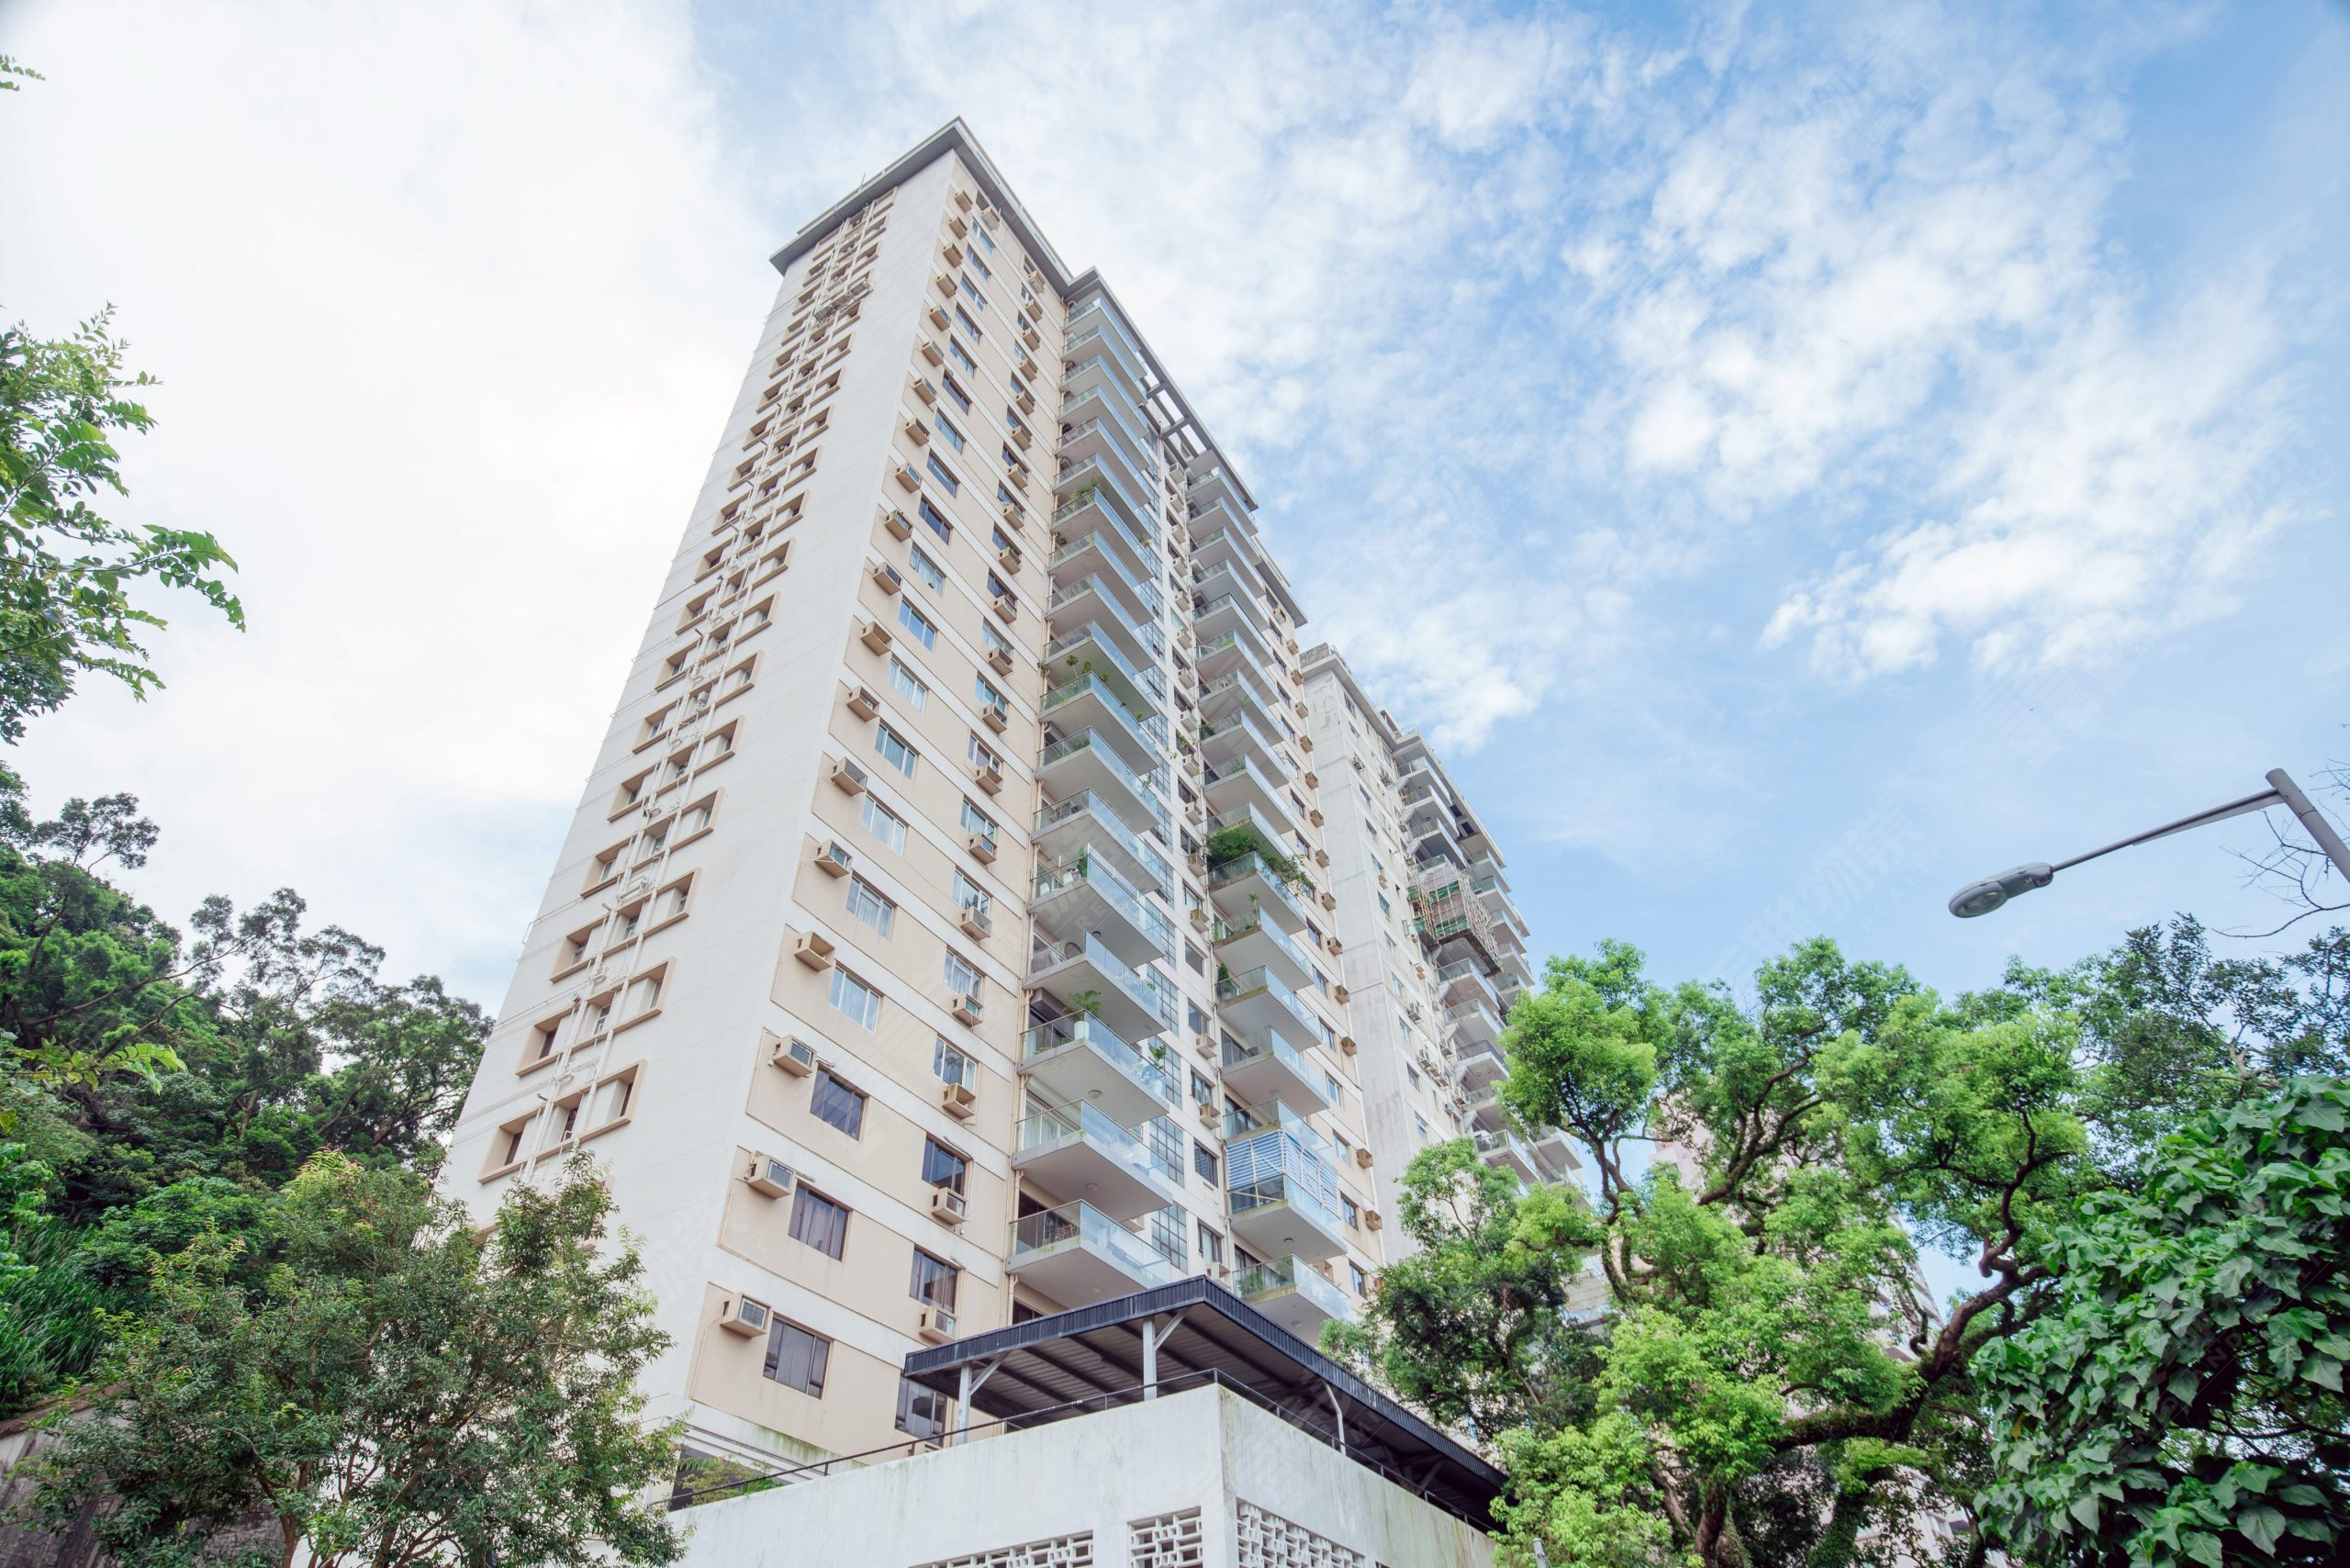 JS - Aluminium Windows in Hong Kong 香港優質鋁窗公司 – Aliplast - Po Shan Mansion寶城大廈